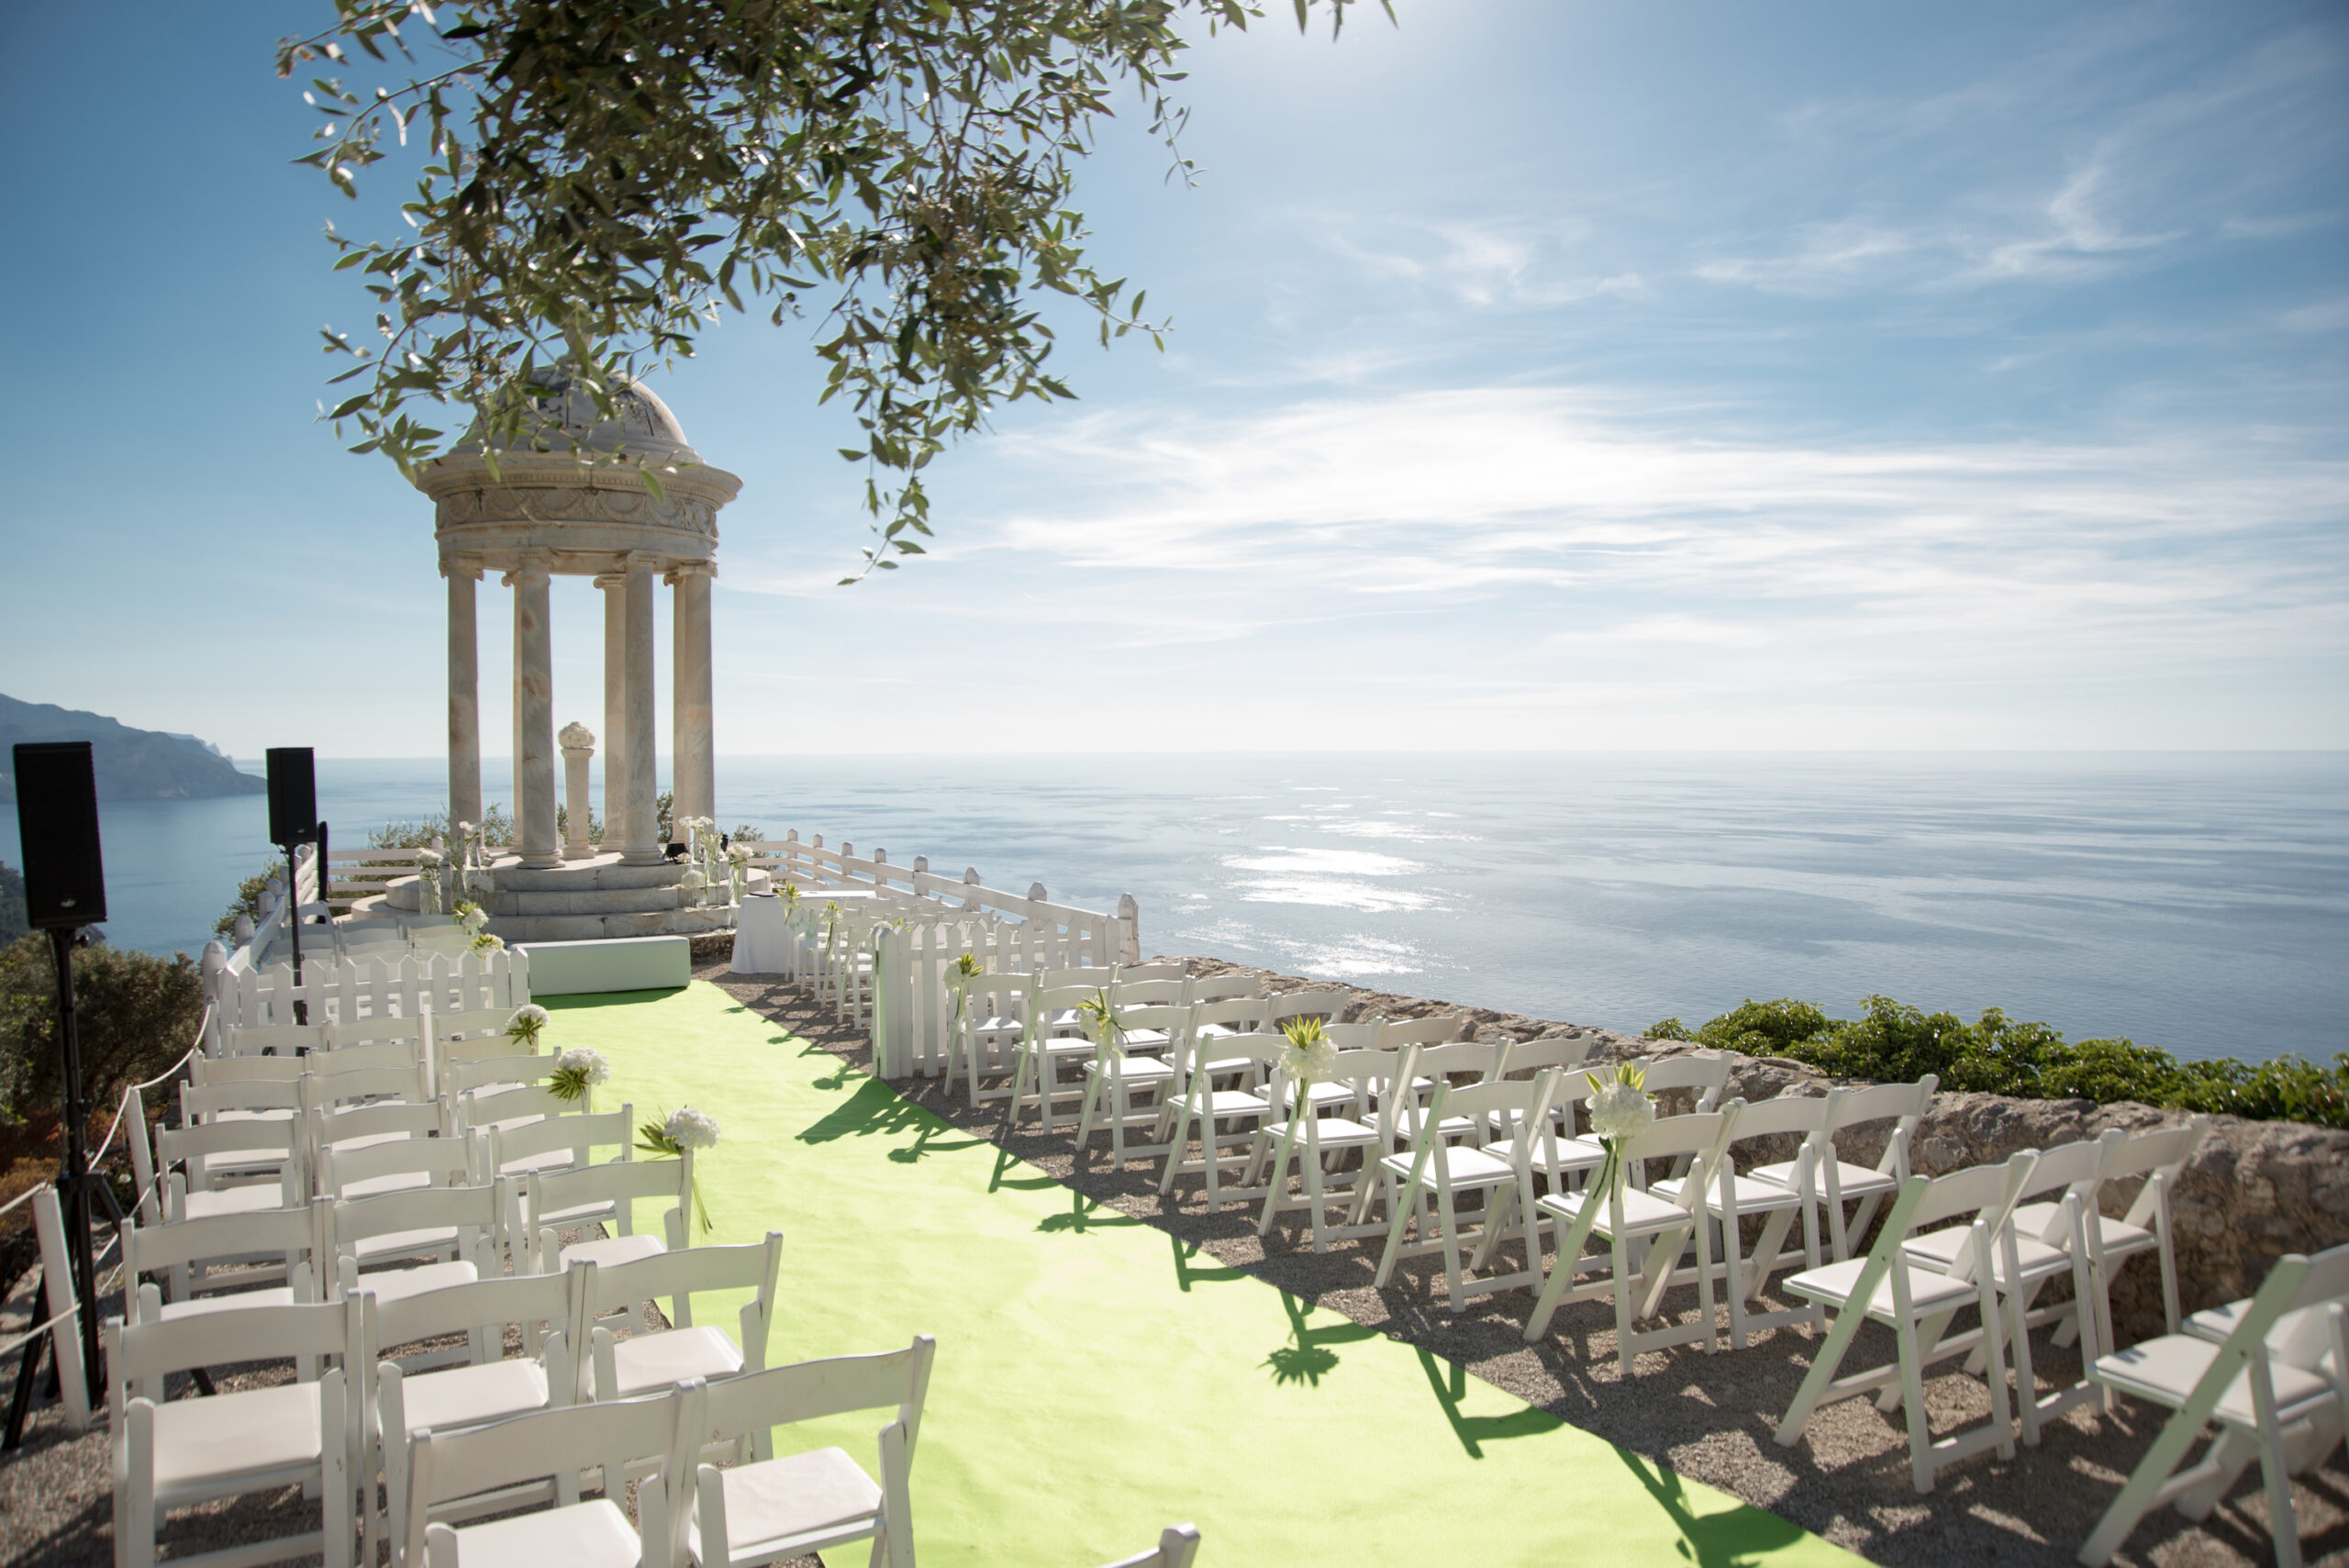 Sea-Ceremony-Venue-Mallorca